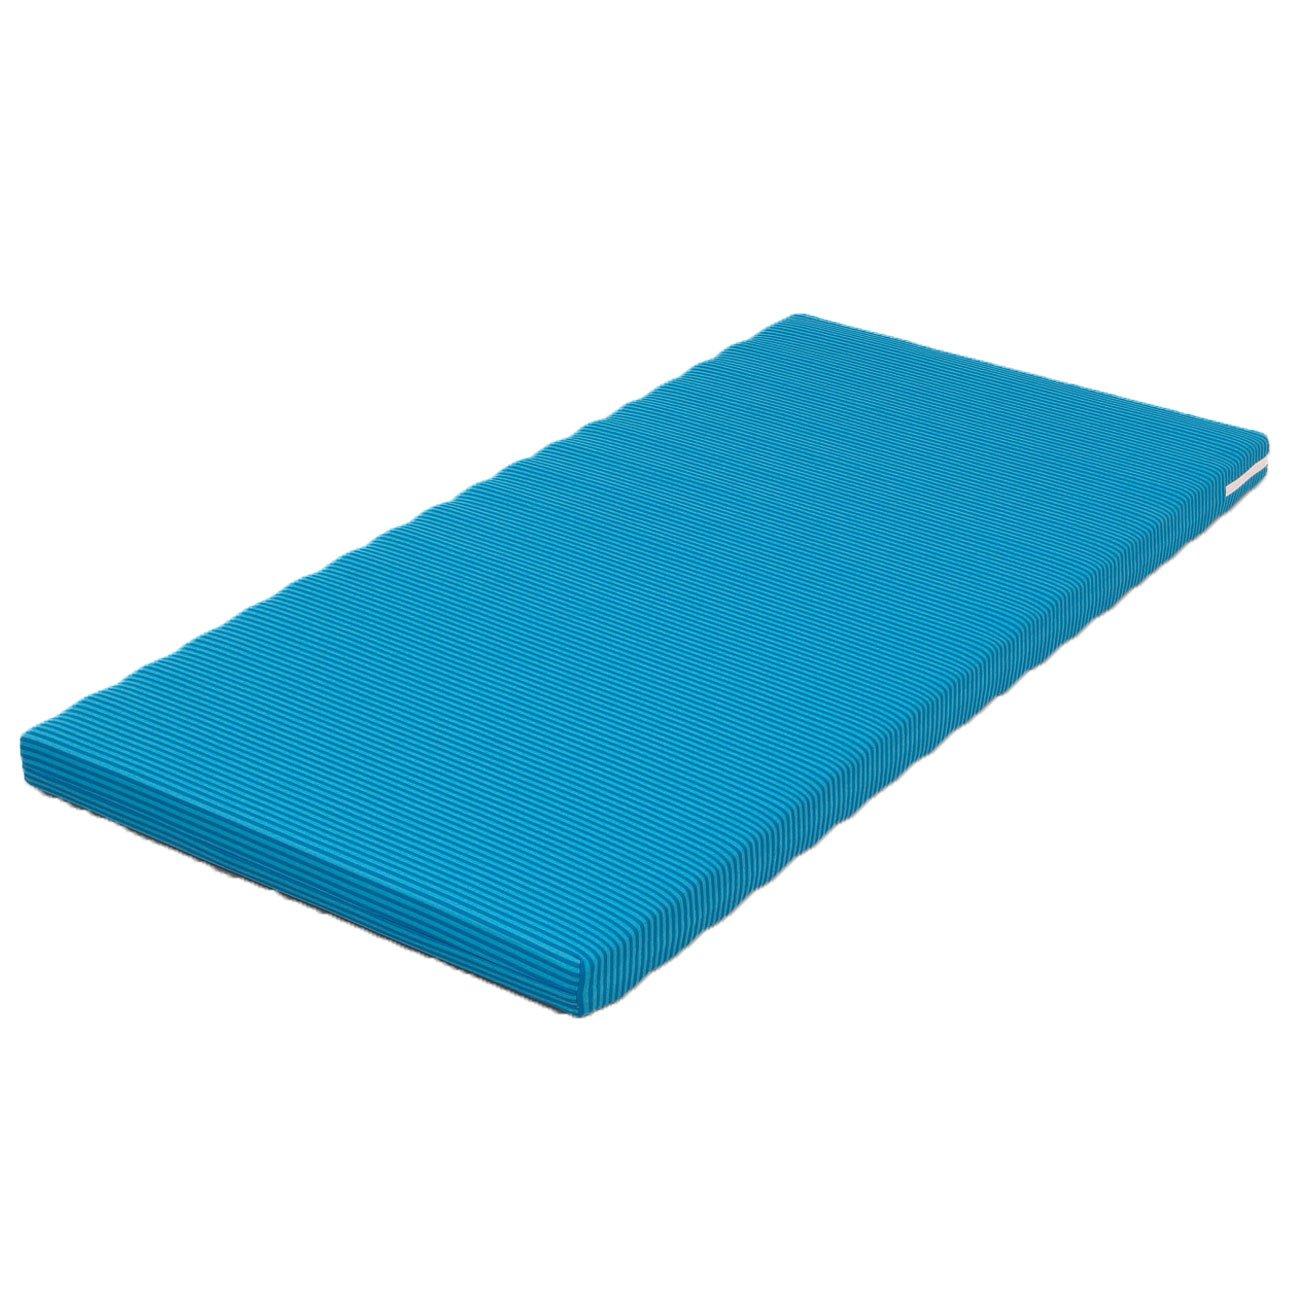 ウェルファン ベッドマットレス ハード&ソフト ブルー Wレギュラー   B005XWQB8A